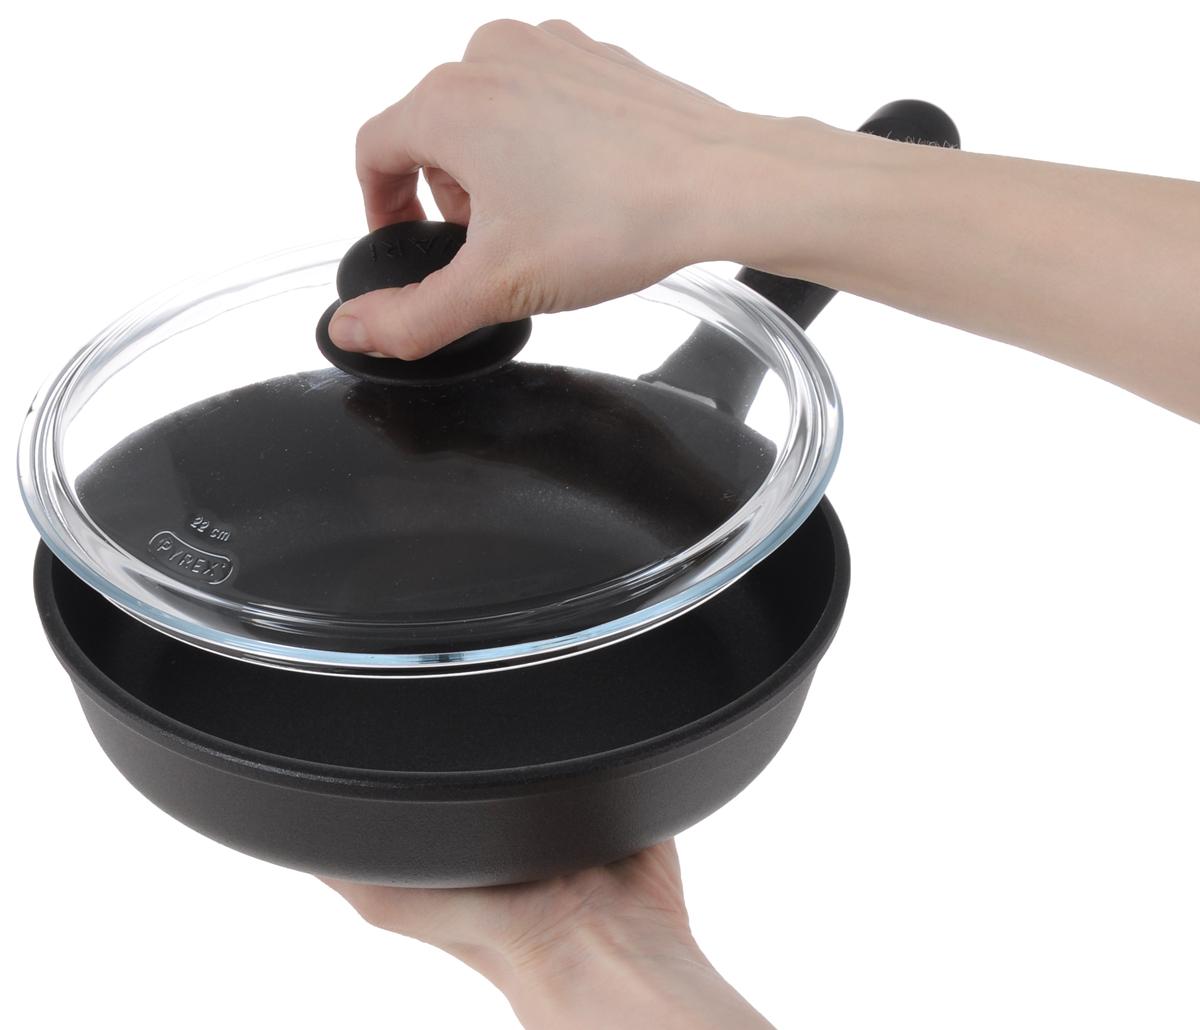 Web магазин : Кухня : Посуда для приготовления пищи